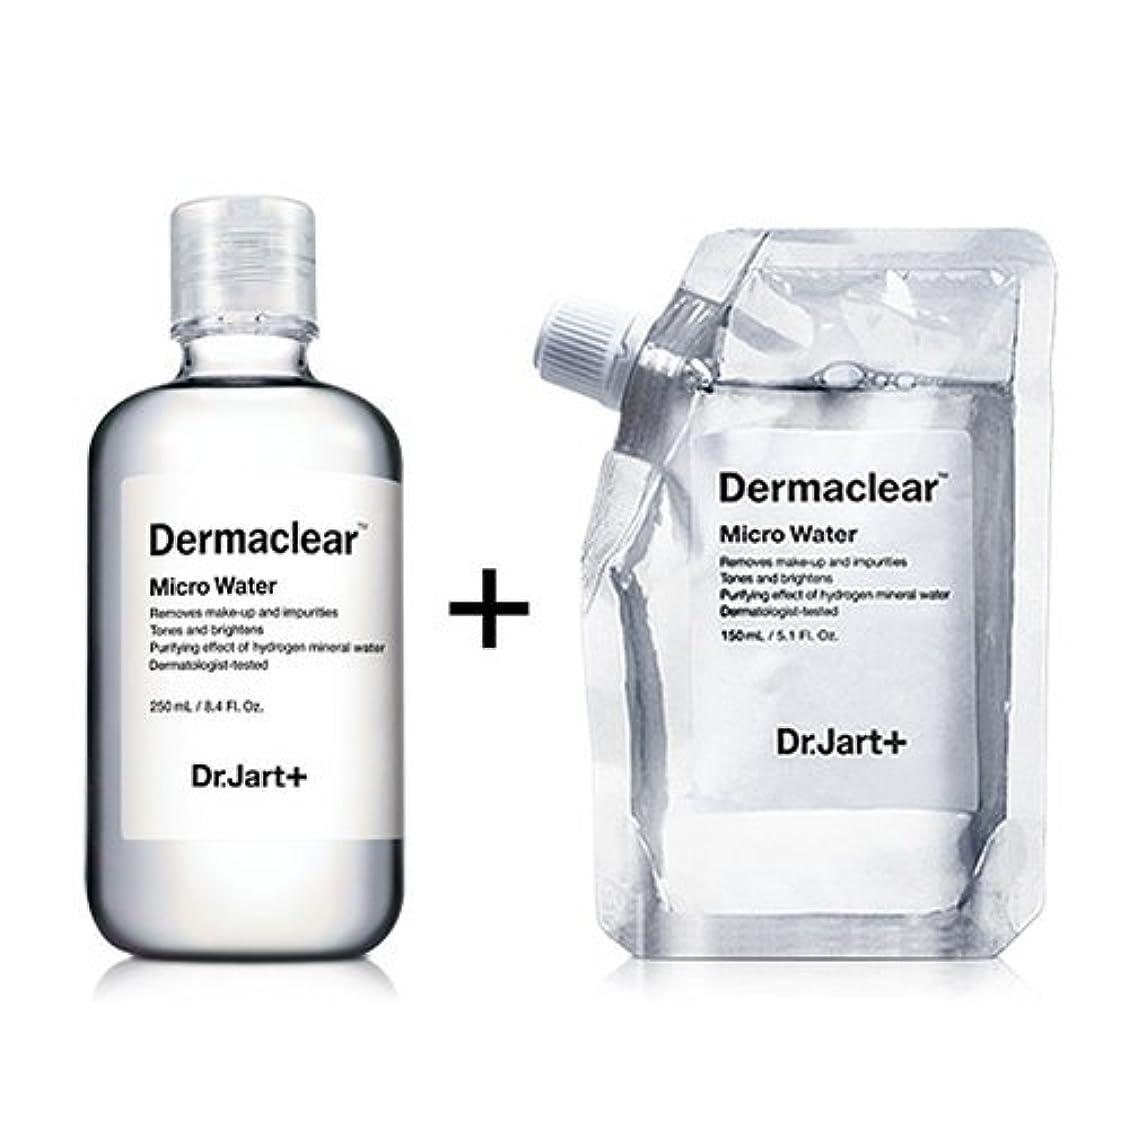 沼地機械的に導体ドクタージャルト[韓国コスメ Dr.Jart+]ダーマクリア マイクロ ウォーター250ml+150ml(リフィル) [Dr.Jart+]Dermaclear Micro Water (250ml+150ml)